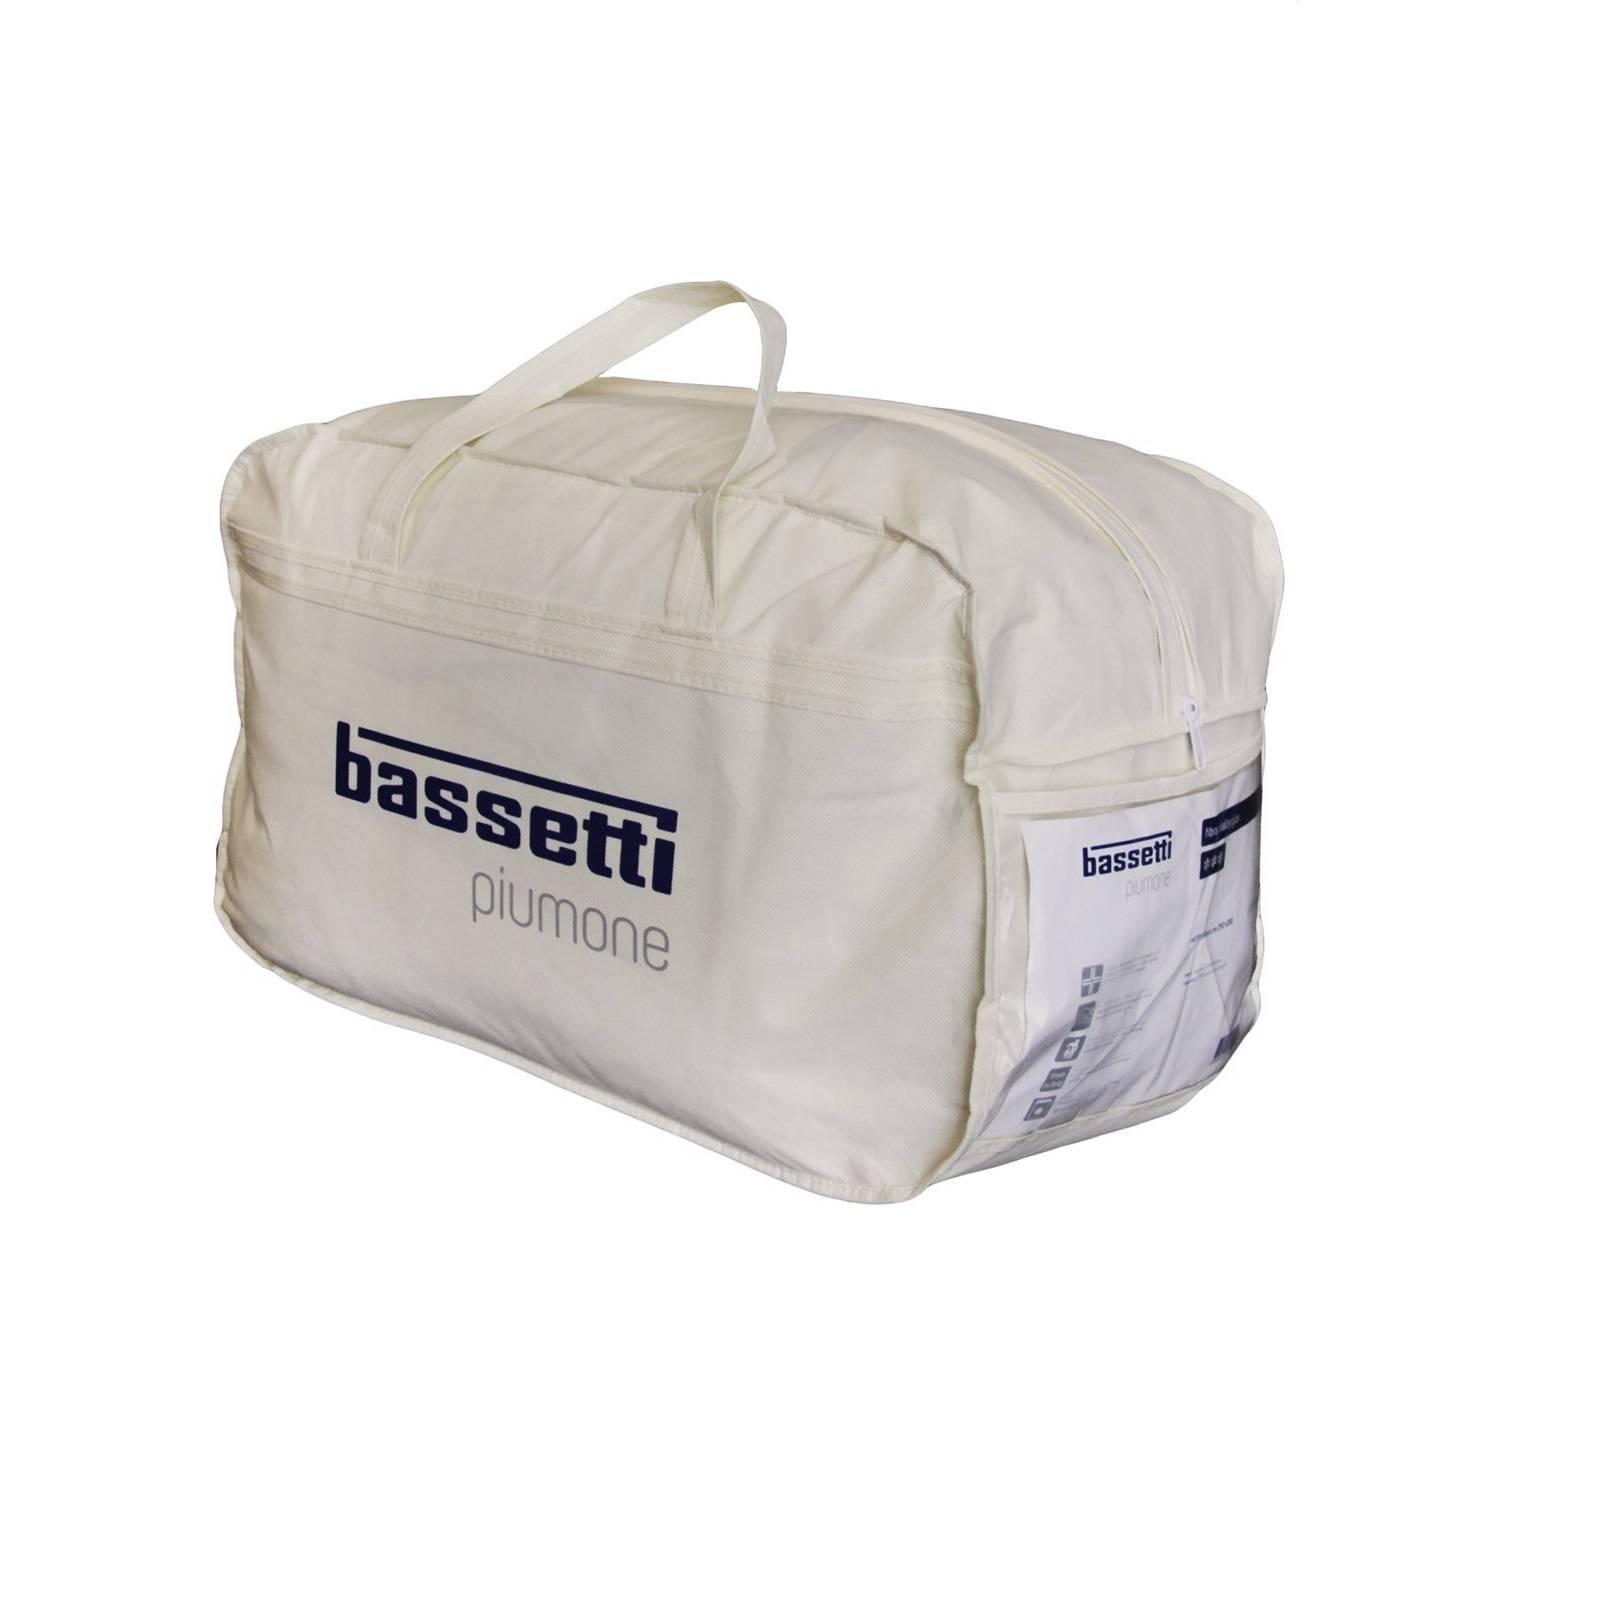 new product 6a1f4 53b36 Bassetti piumino invernale + primaverile in microfibra 4 stagioni Made in  Italy